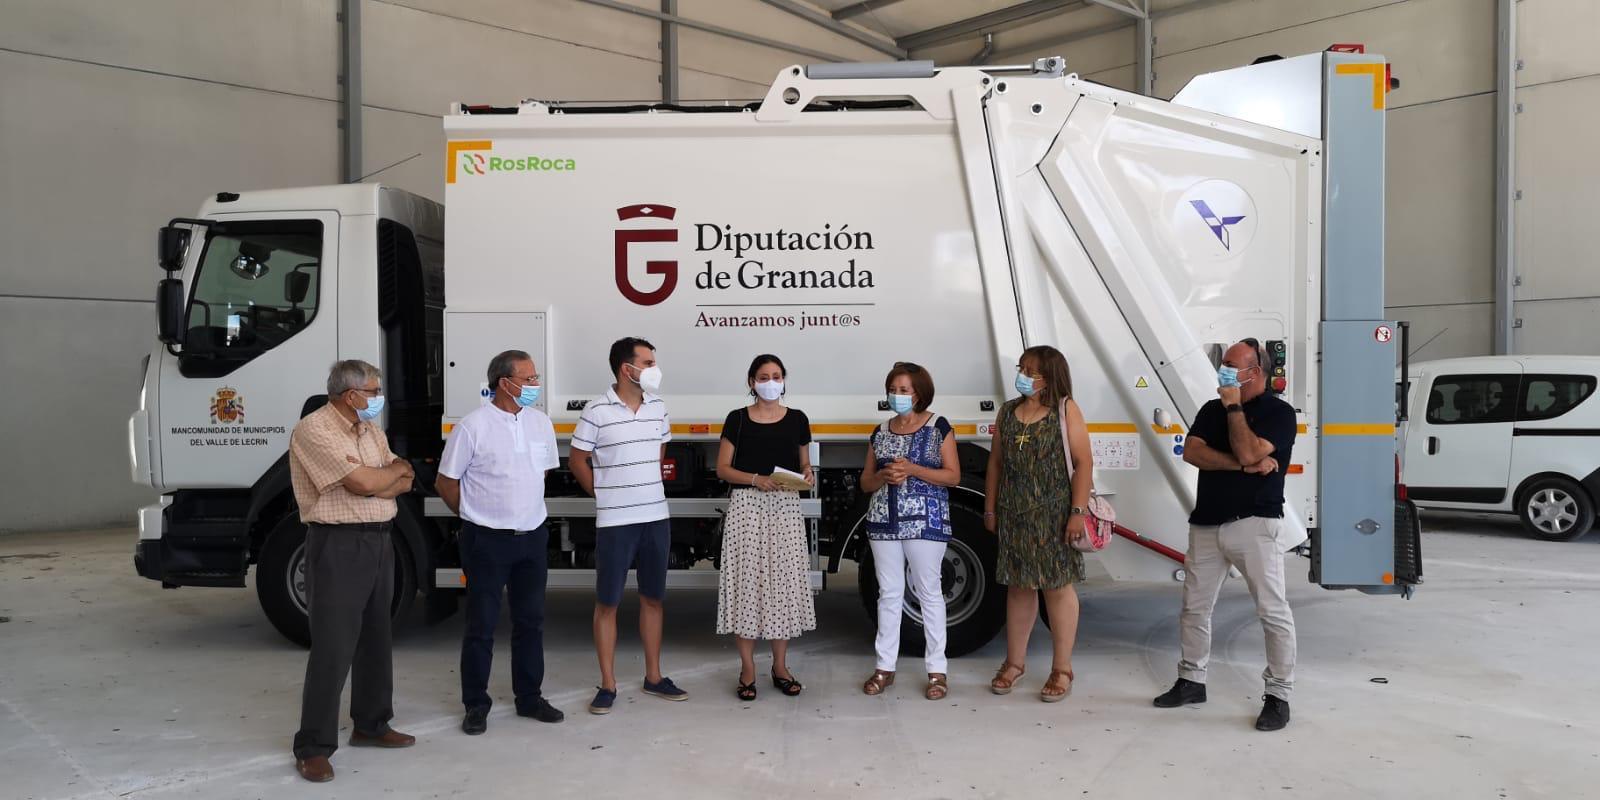 El Valle de Lecrín pone en servicio un nuevo vehículo de gran capacidad para la recogida de residuos